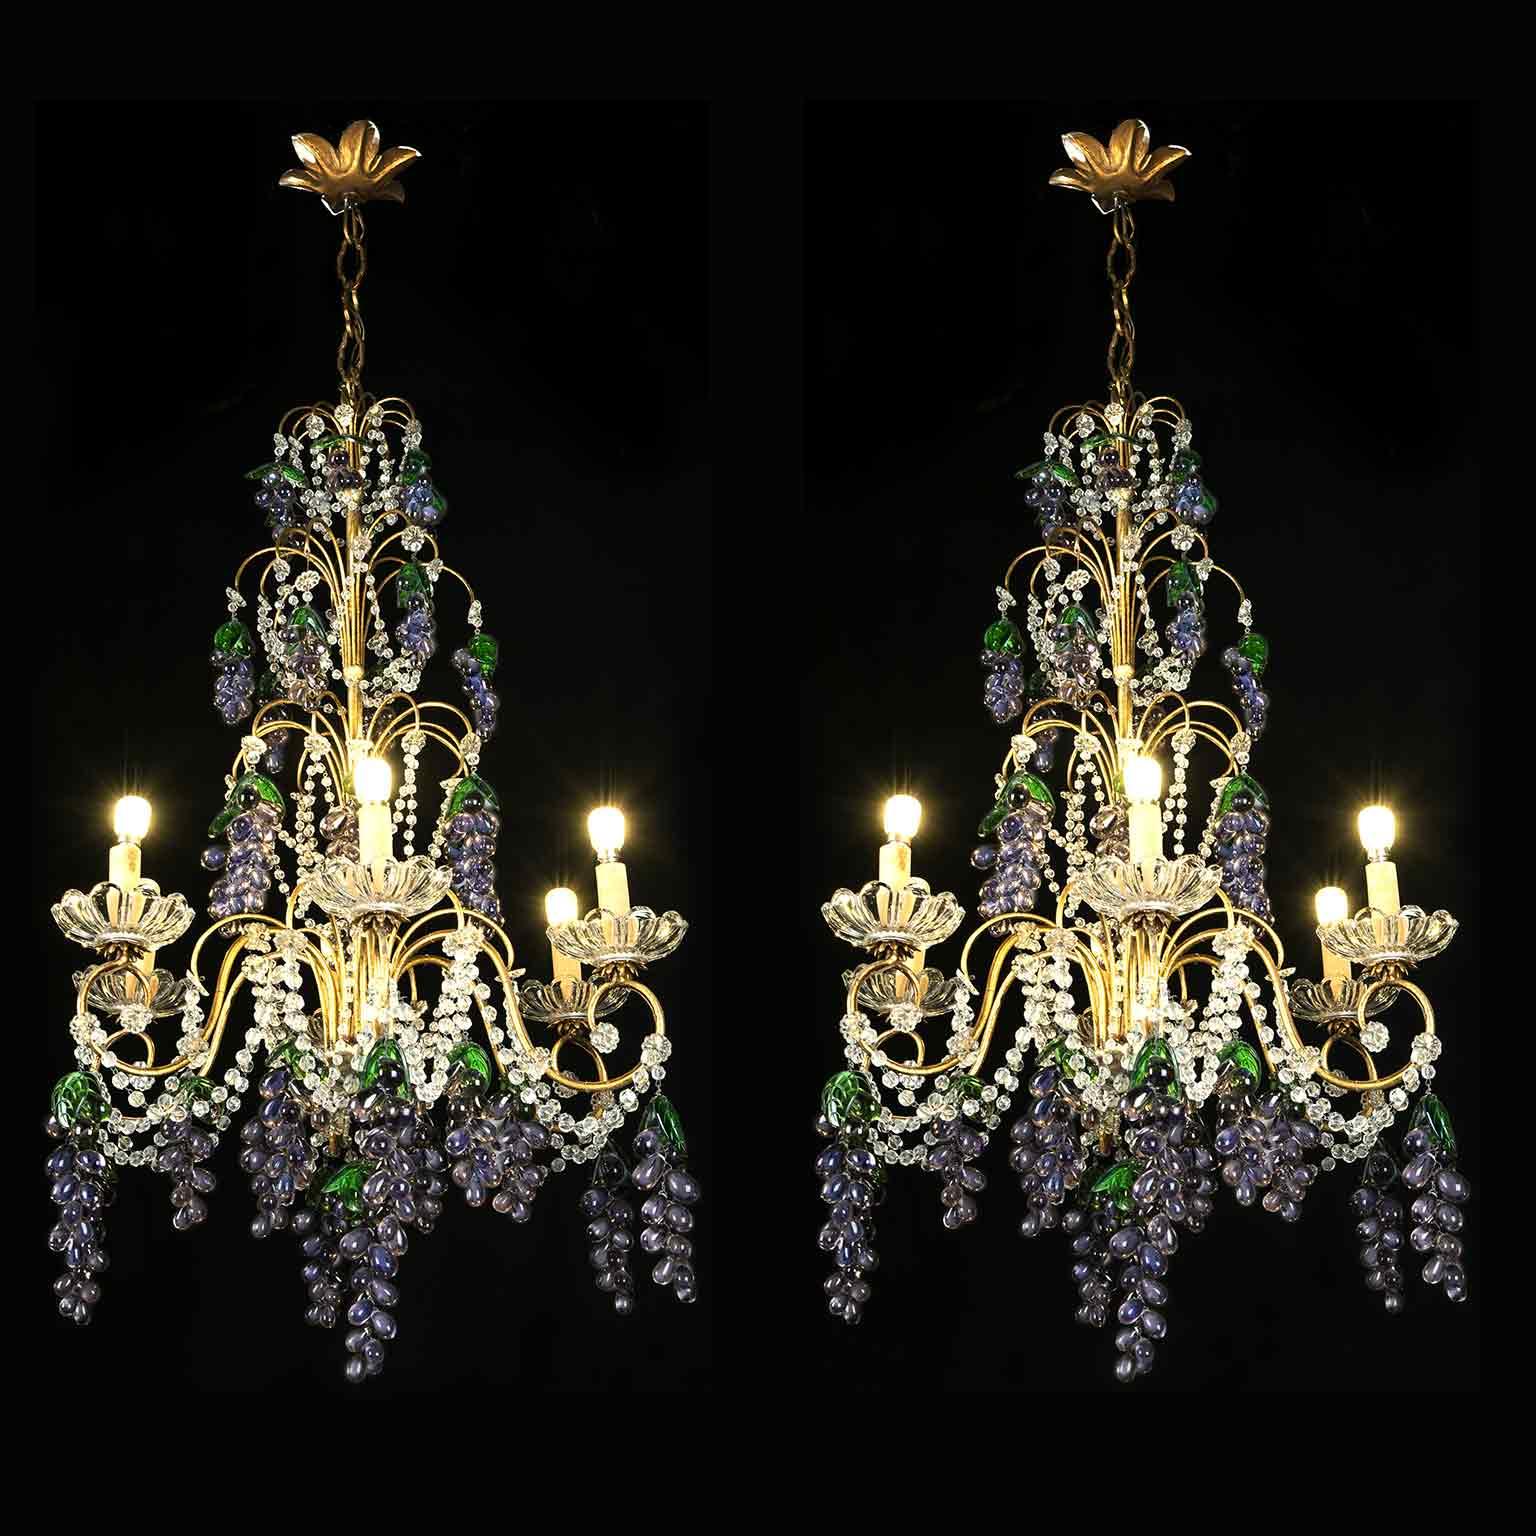 Coppia di Lampadari con Cristalli e Grappoli d'Uva color ametista in vetro di Murano